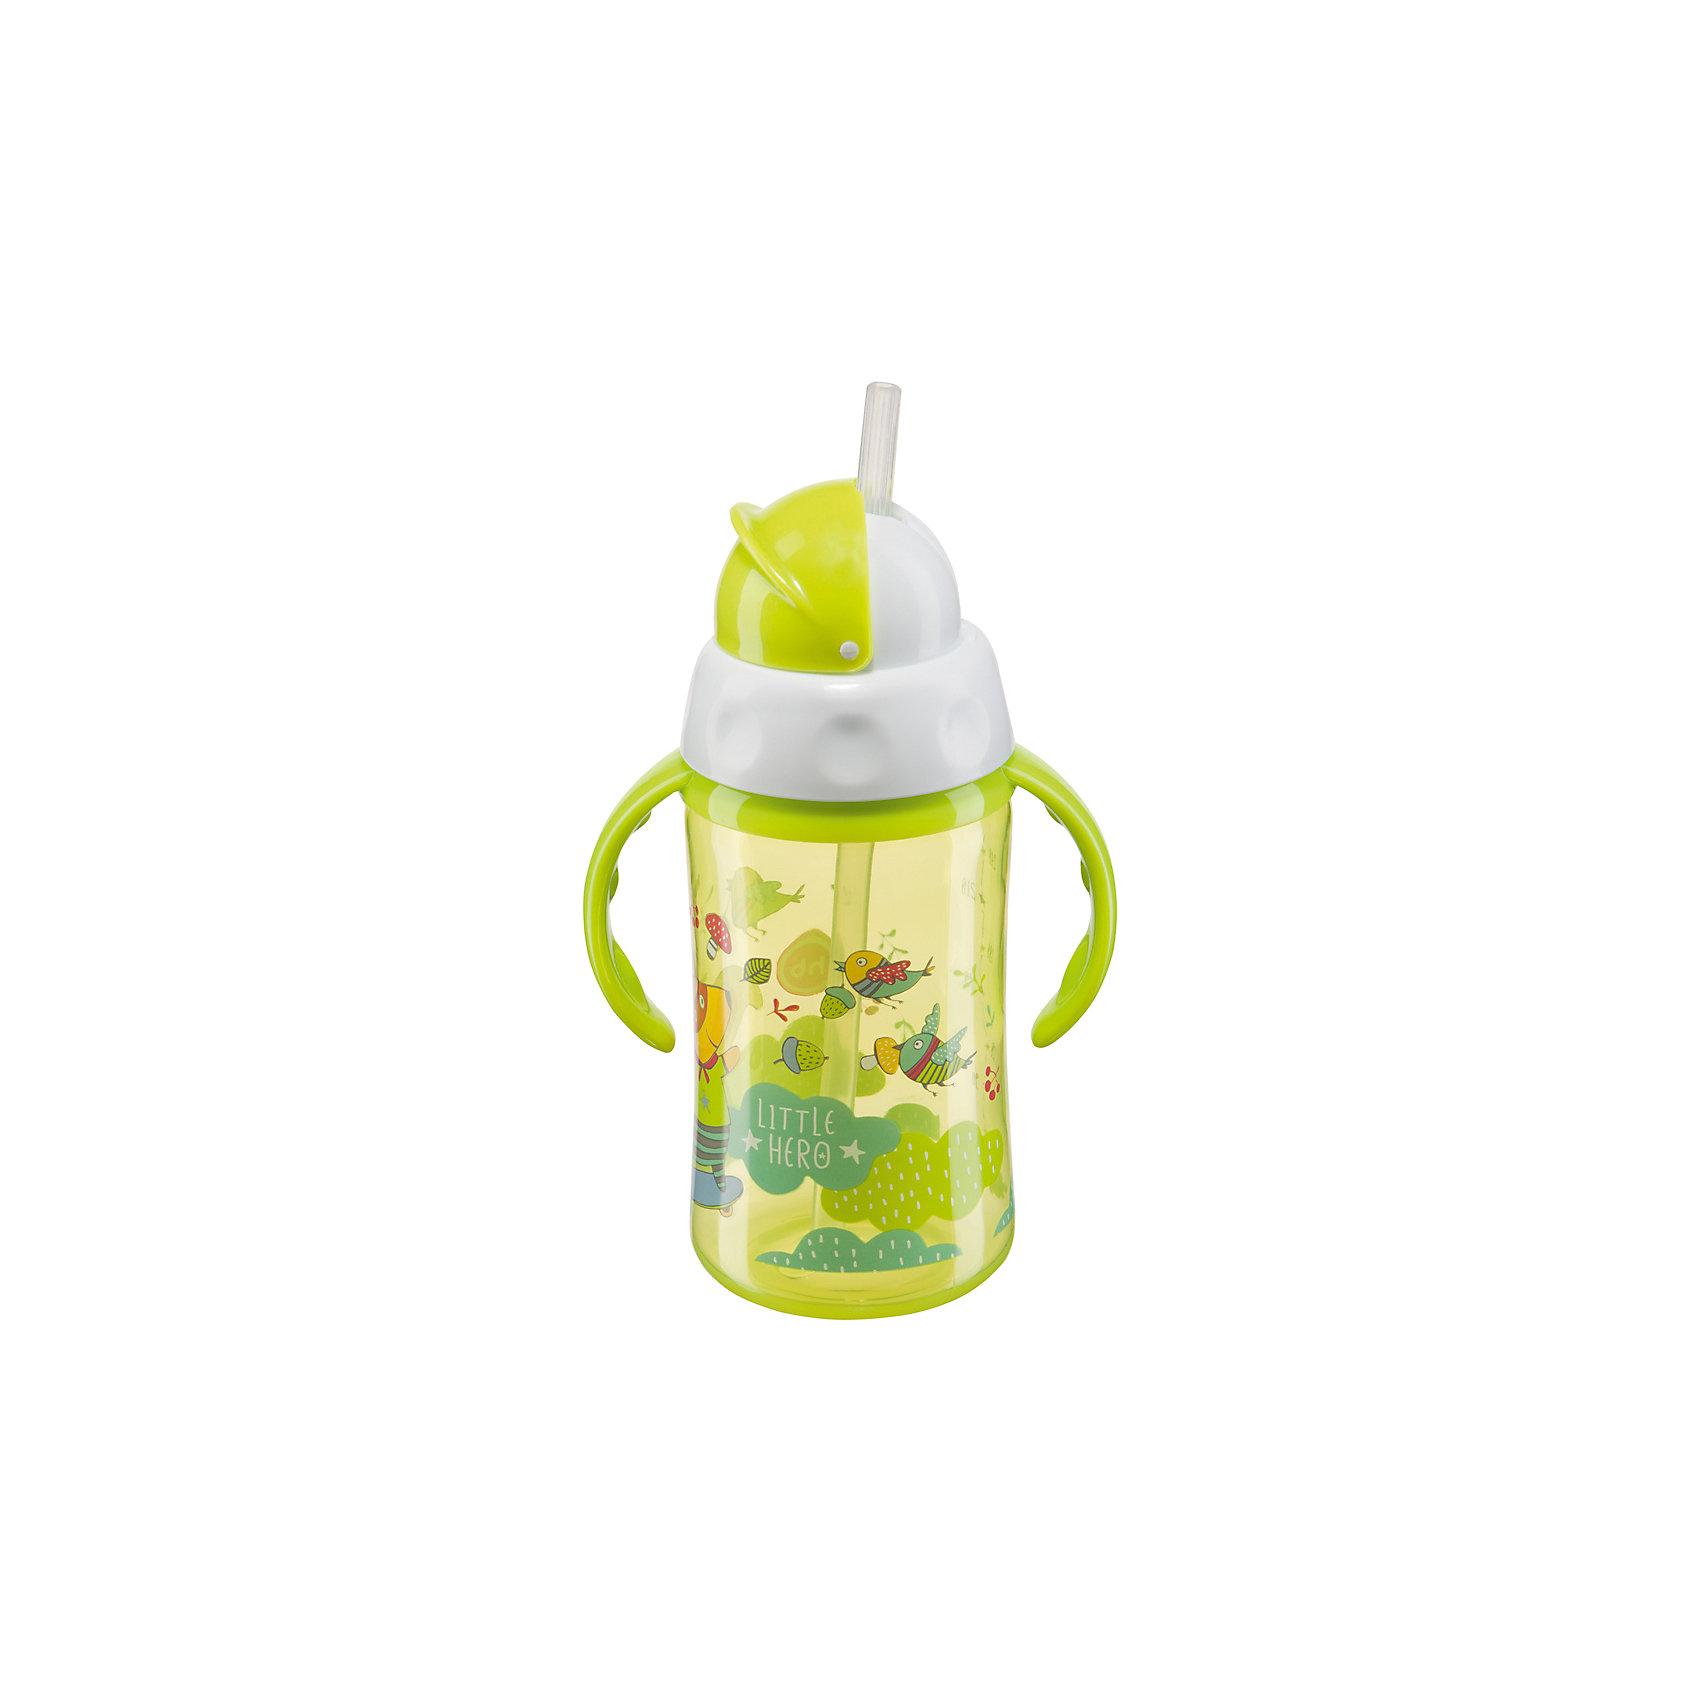 Поильник с трубочкой и ручками, 240 мл, Happy Baby, салатовыйПоильники<br>Когда ребенок осваивает переход от бутылочки к чашке и тренируется пить самостоятельно, на помощь приходит поильник 2 в 1. Поильник с трубочкой и ручками, 240 мл, Happy Baby, салатовый оснащен ручками, которые можно снять, и трубочкой, которая выполнена из силикона и обеспечивает нормированное поступление жидкости во время питья. Наличие зафиксированных ручек позволяет удобно держать поильник и привыкать к чашке. Поильник предназначен для детей старше одного года. Ребенок может использовать поильник на прогулке: герметичная крышка не позволяет протекать жидкости, при необходимости крышка откидывается и ребенок пьет из силиконовой трубочки; удобная шкала делений на 30 мл позволяет контролировать количество потребляемой ребенком жидкости.<br><br>Дополнительная информация:<br> <br>- материал: полипропилен, силикон.<br>- рекомендуемый возраст: от 18 месяцев.<br>- объем поильника: 240 мл.<br><br>Поильник с трубочкой и ручками, 240 мл, Happy Baby, салатовый можно купить в нашем интернет-магазине.<br><br>Ширина мм: 75<br>Глубина мм: 110<br>Высота мм: 250<br>Вес г: 92<br>Возраст от месяцев: 12<br>Возраст до месяцев: 24<br>Пол: Унисекс<br>Возраст: Детский<br>SKU: 4696828